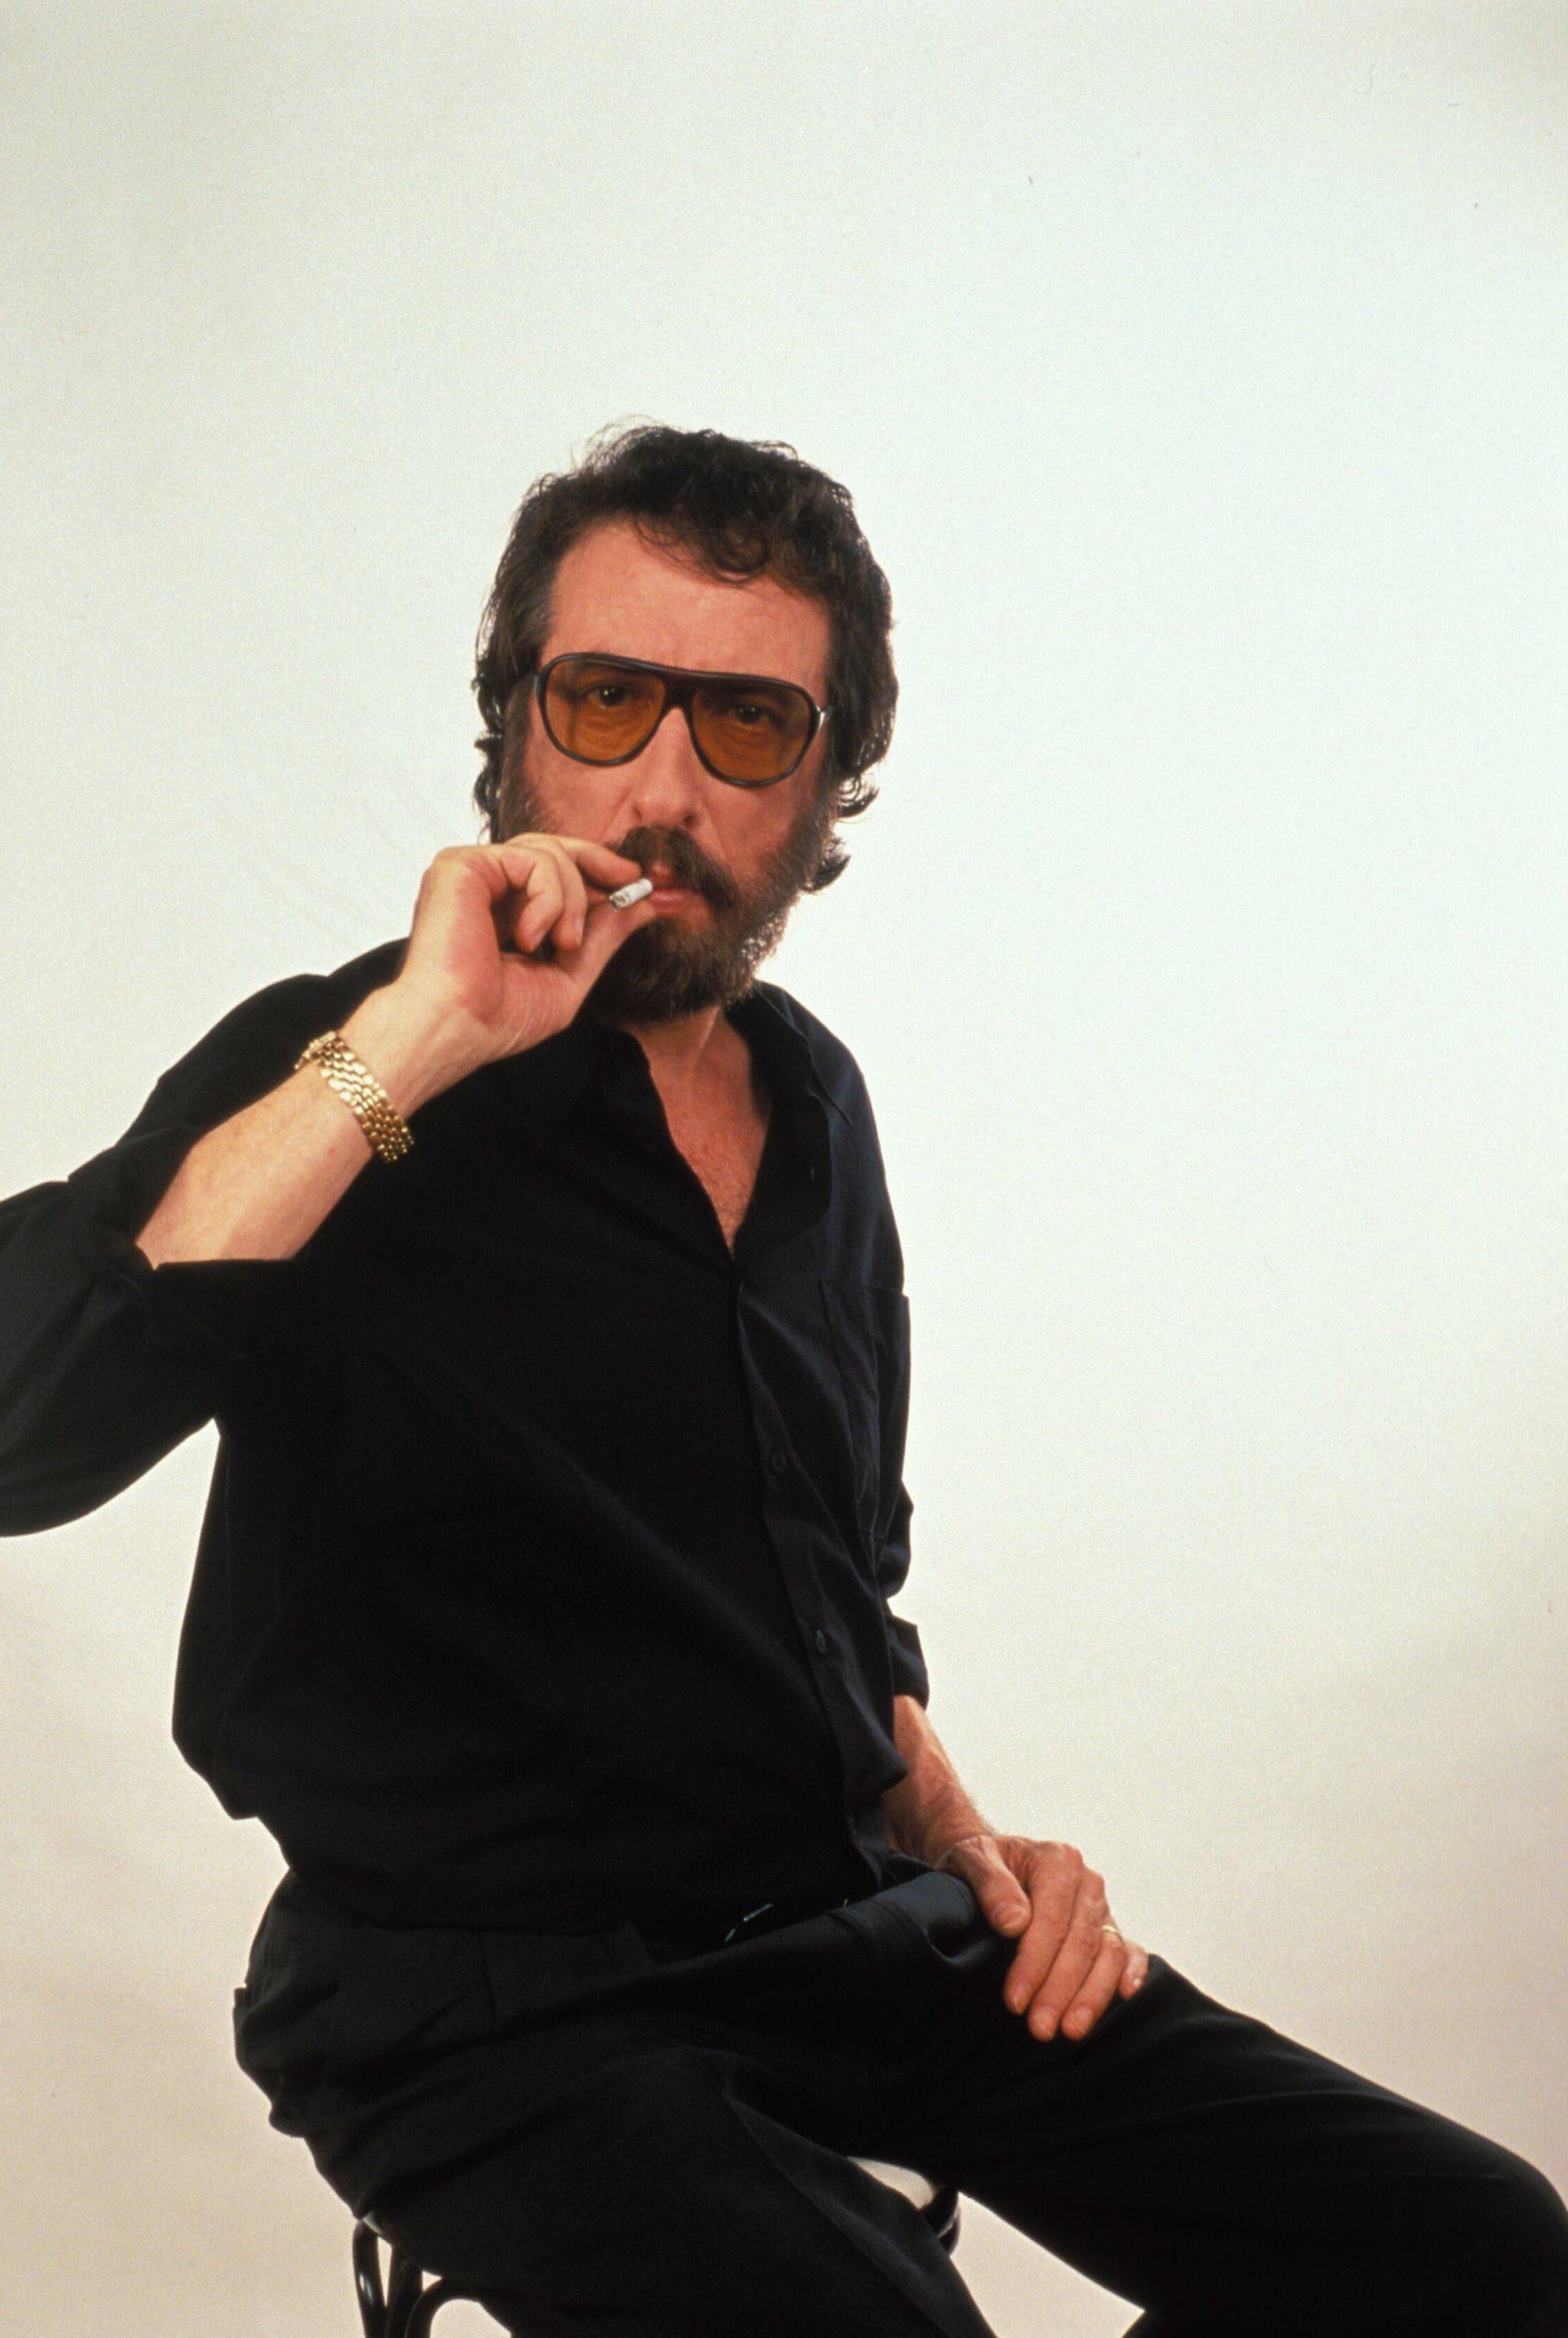 El humorista Eugenio, con su característica estética de ropa negra, gafas ahumadas y fumando.